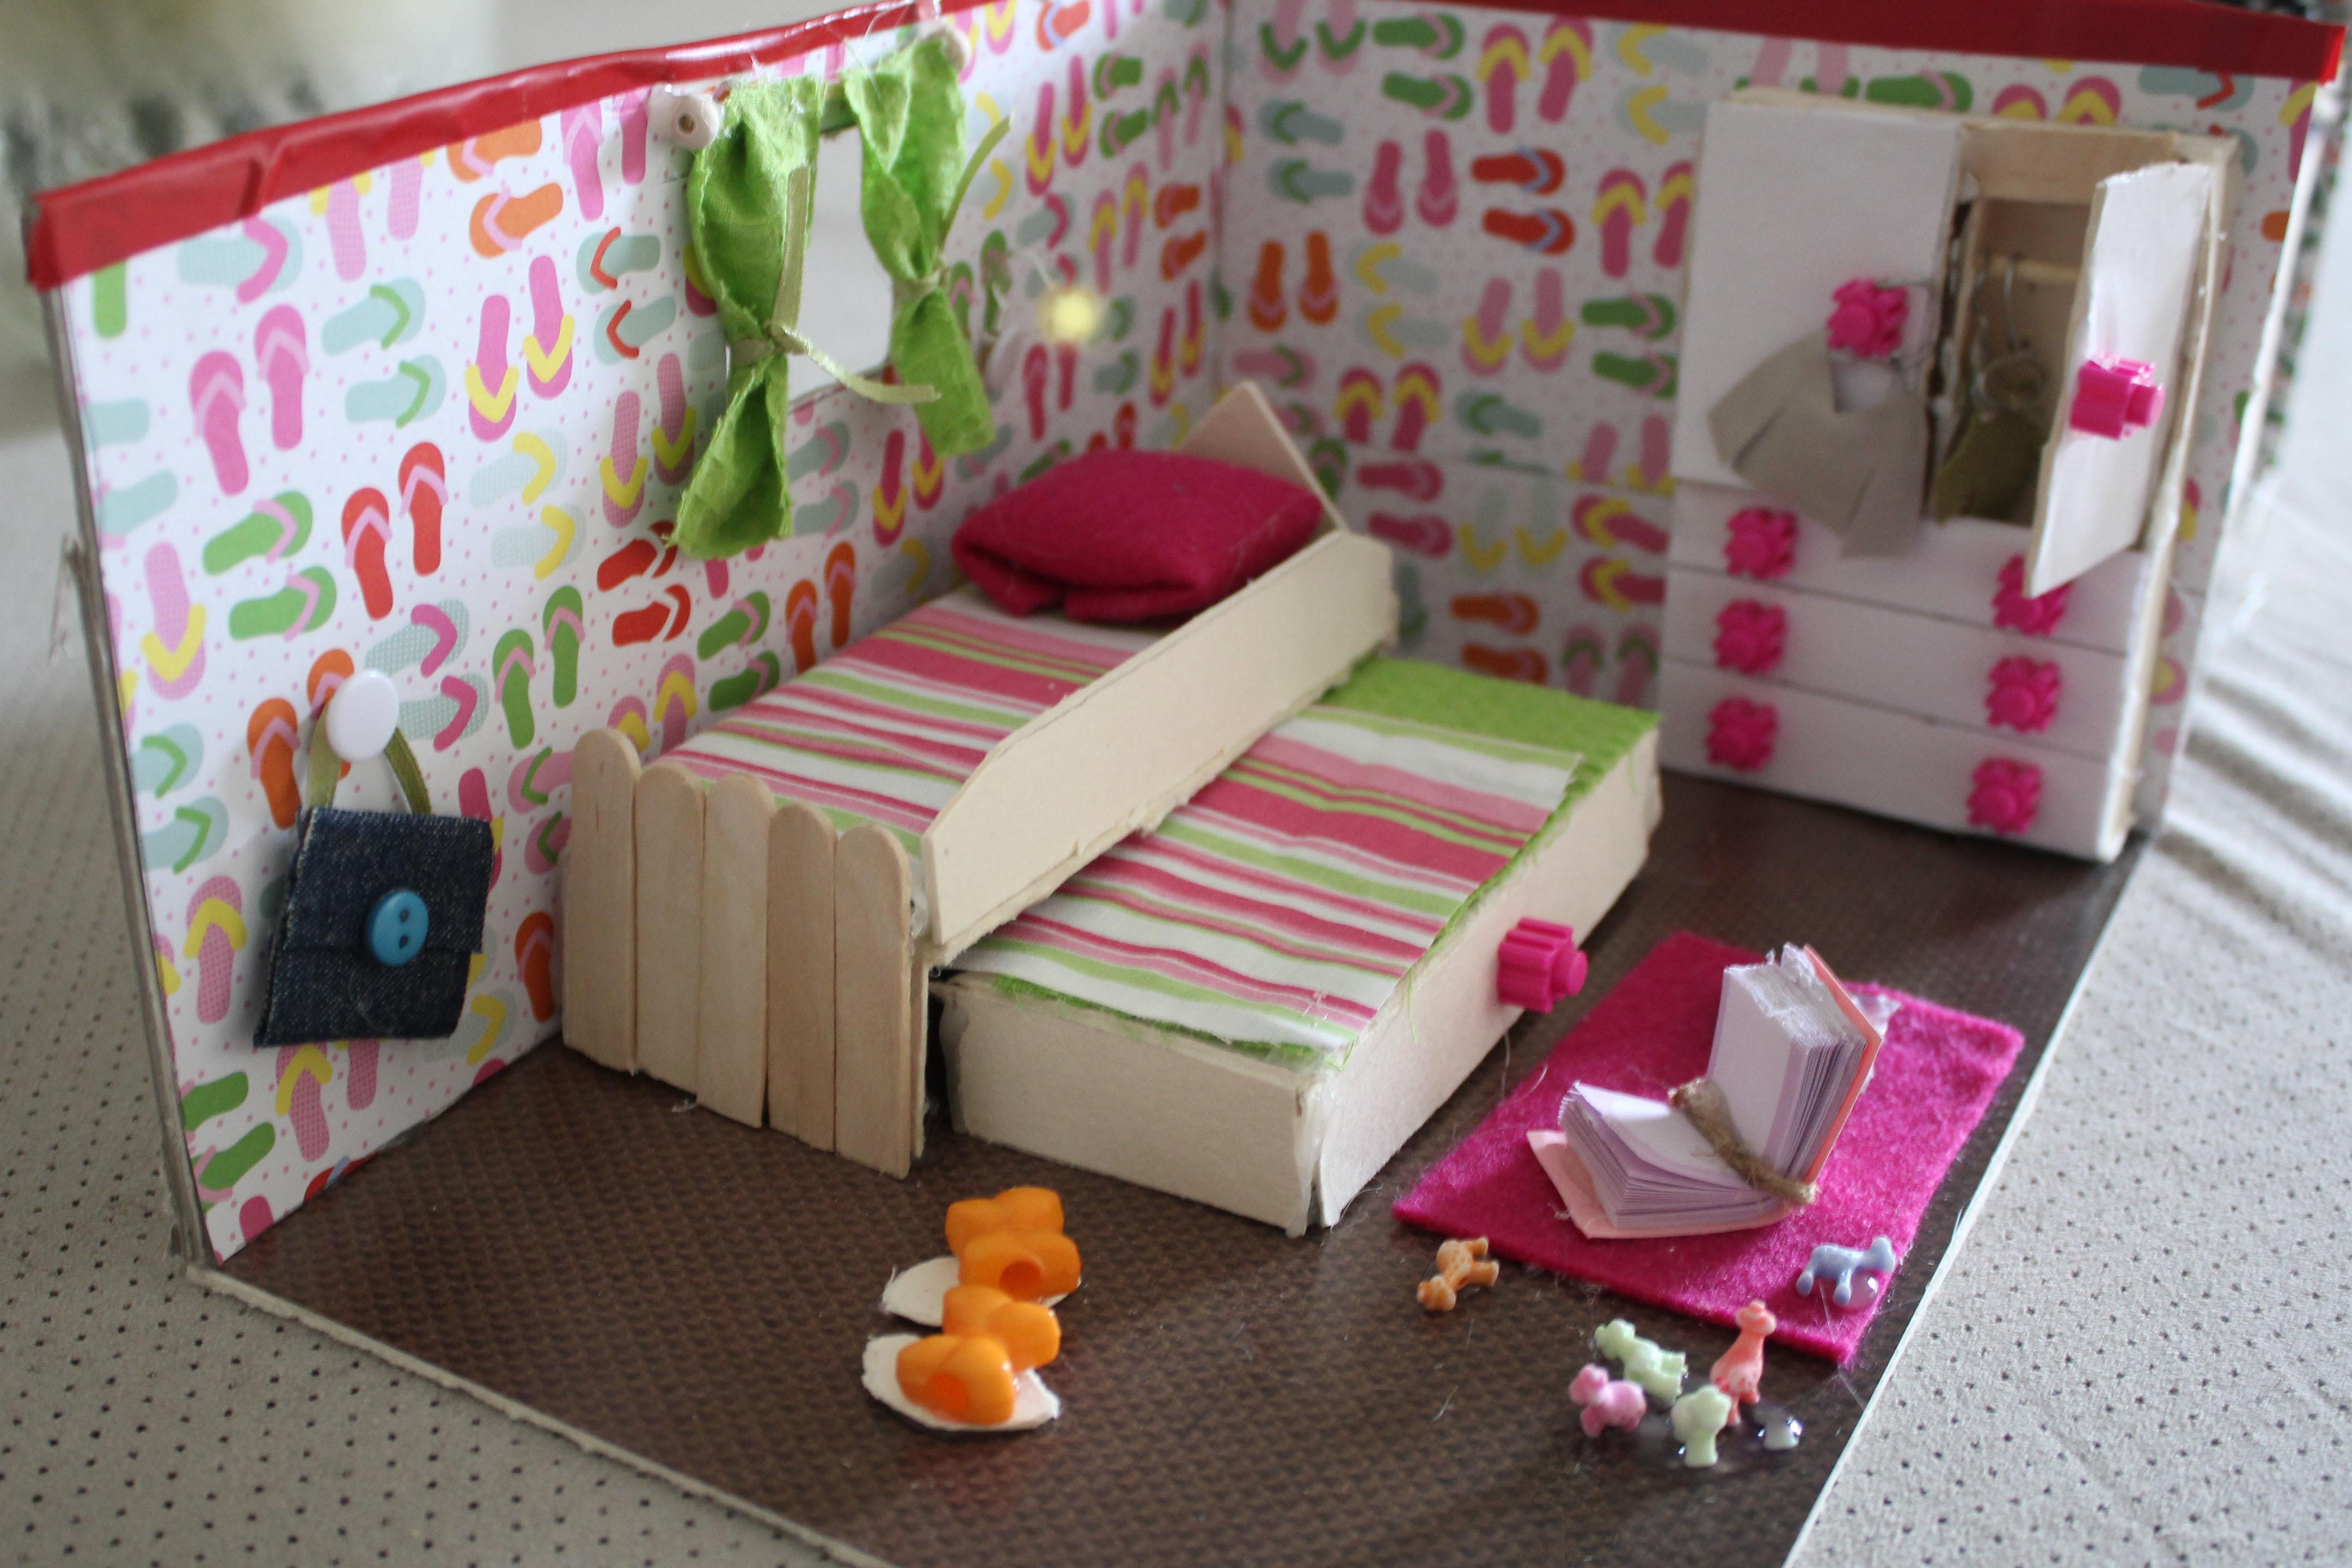 IMG 5282 - מיניאטורות :חדר נסיכות